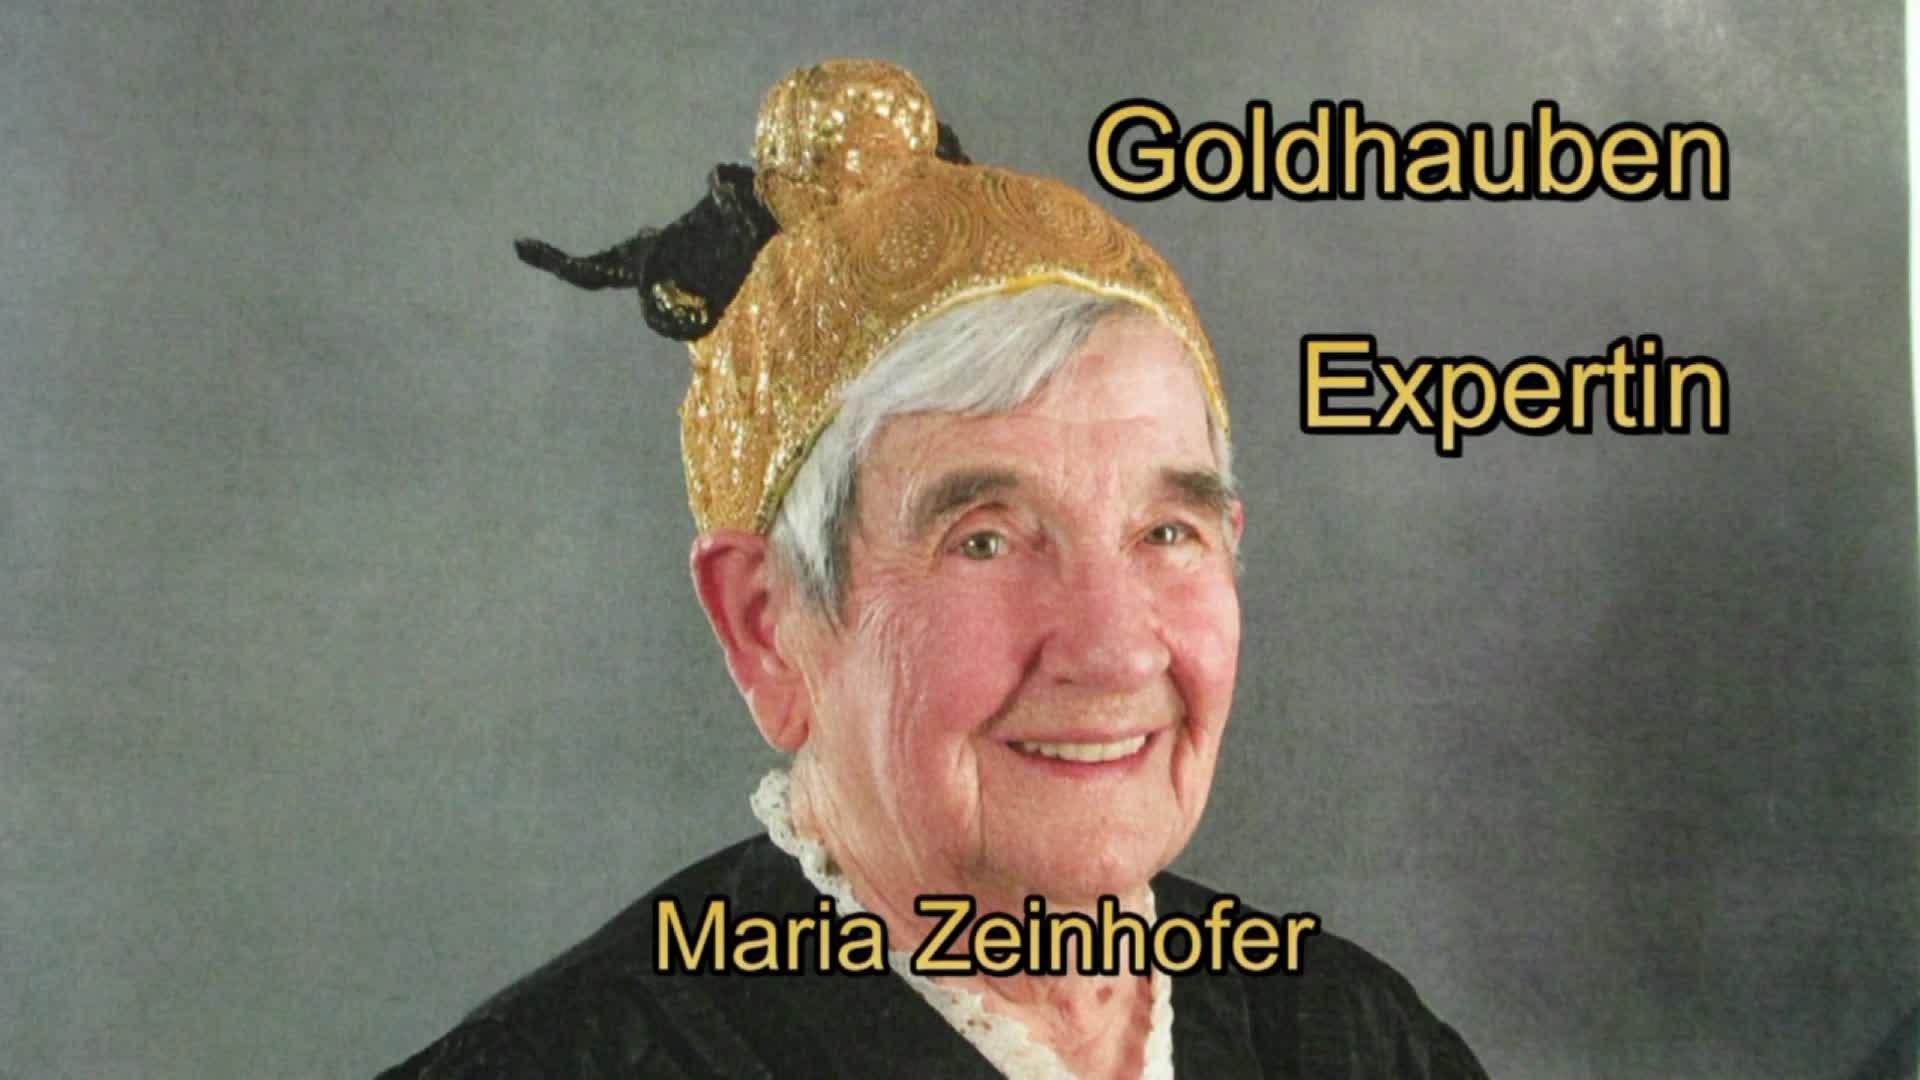 Goldhauben - Expertin Maria Zeinhofer